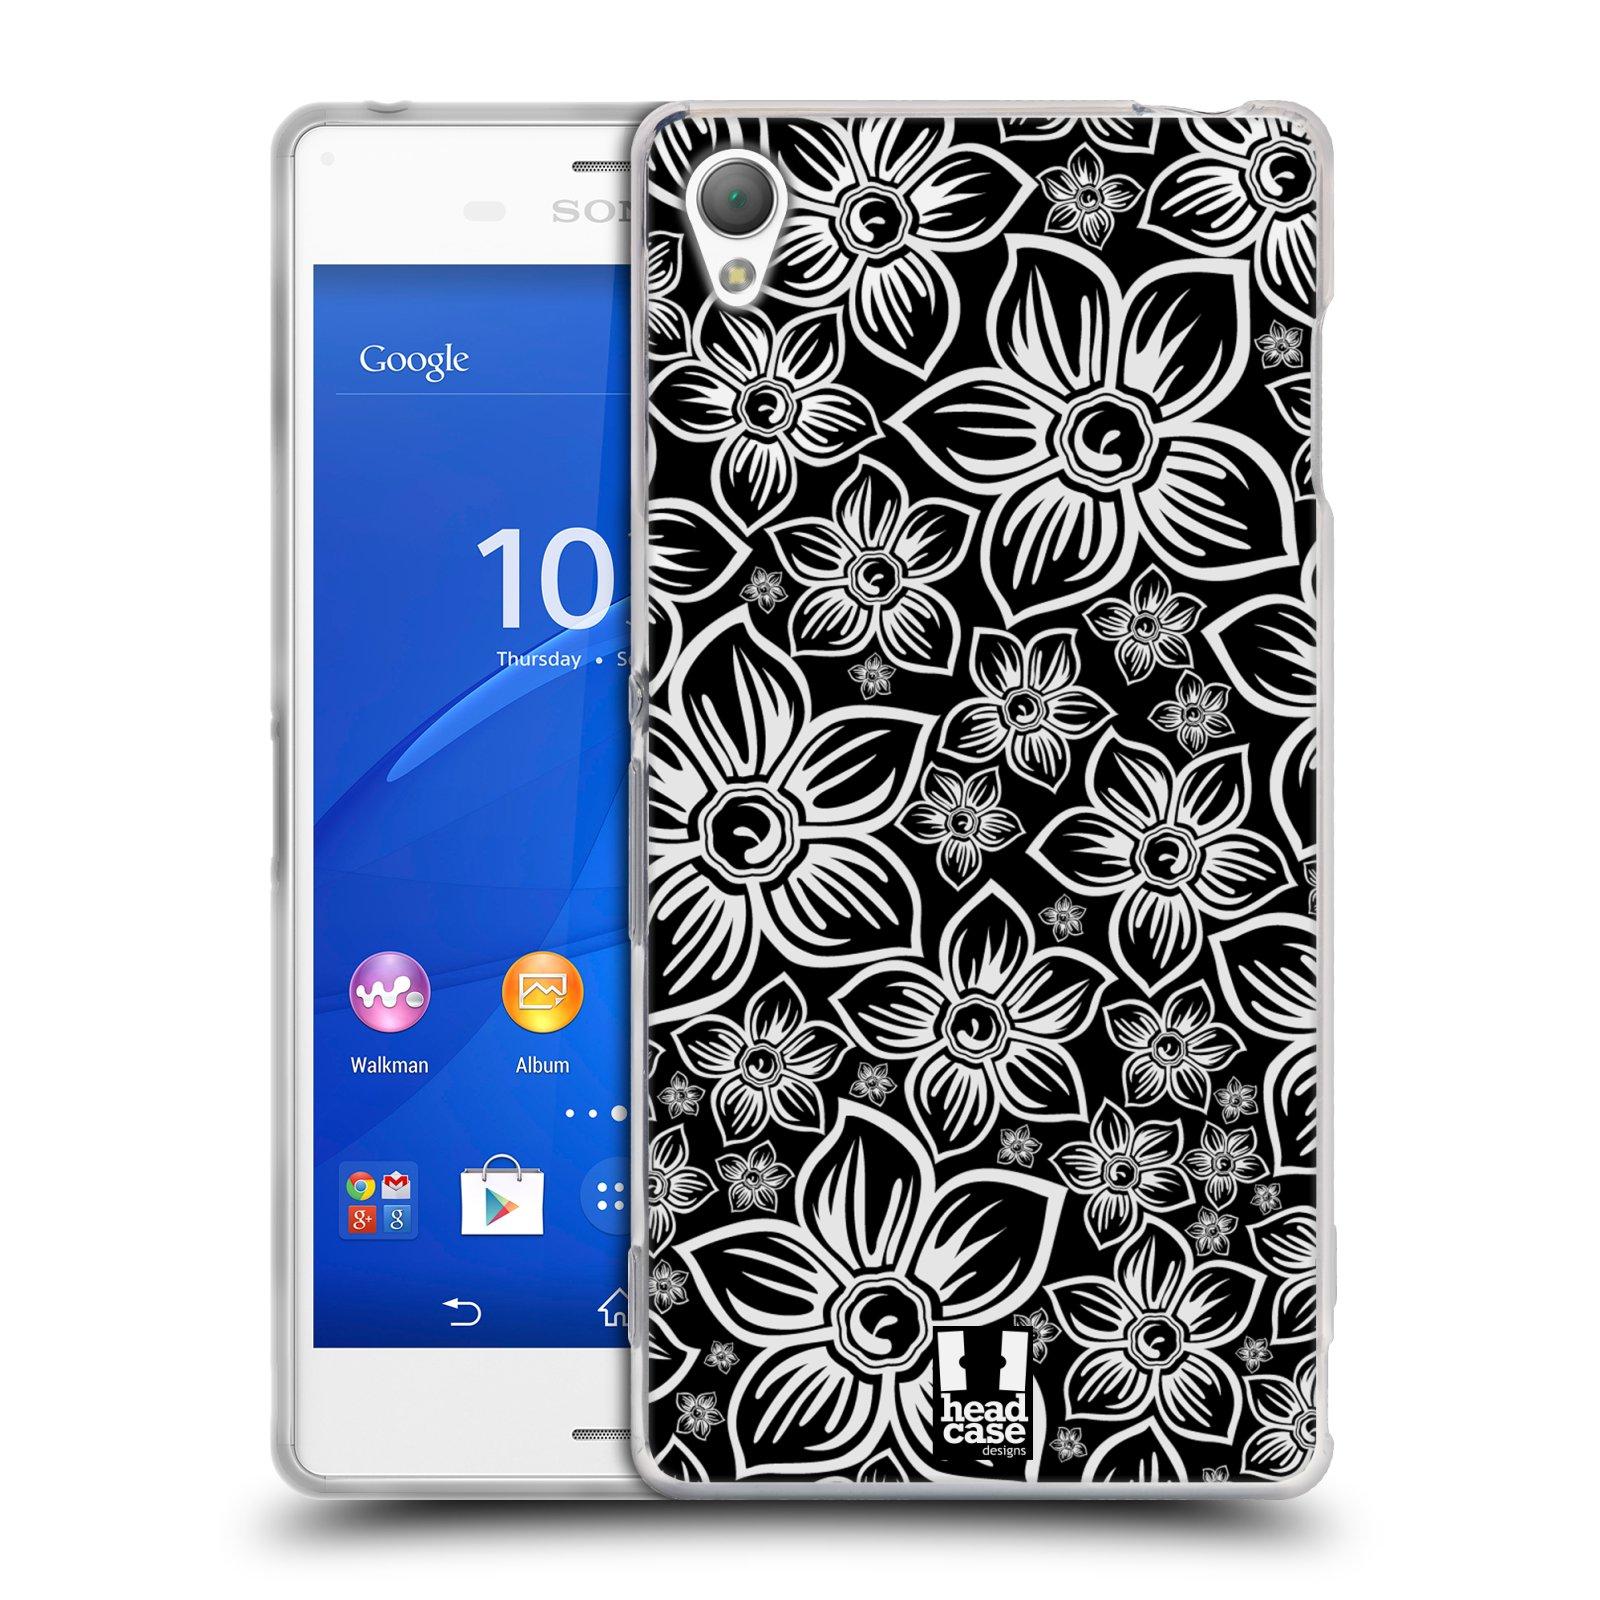 Silikonové pouzdro na mobil Sony Xperia Z3 D6603 HEAD CASE FLORAL DAISY